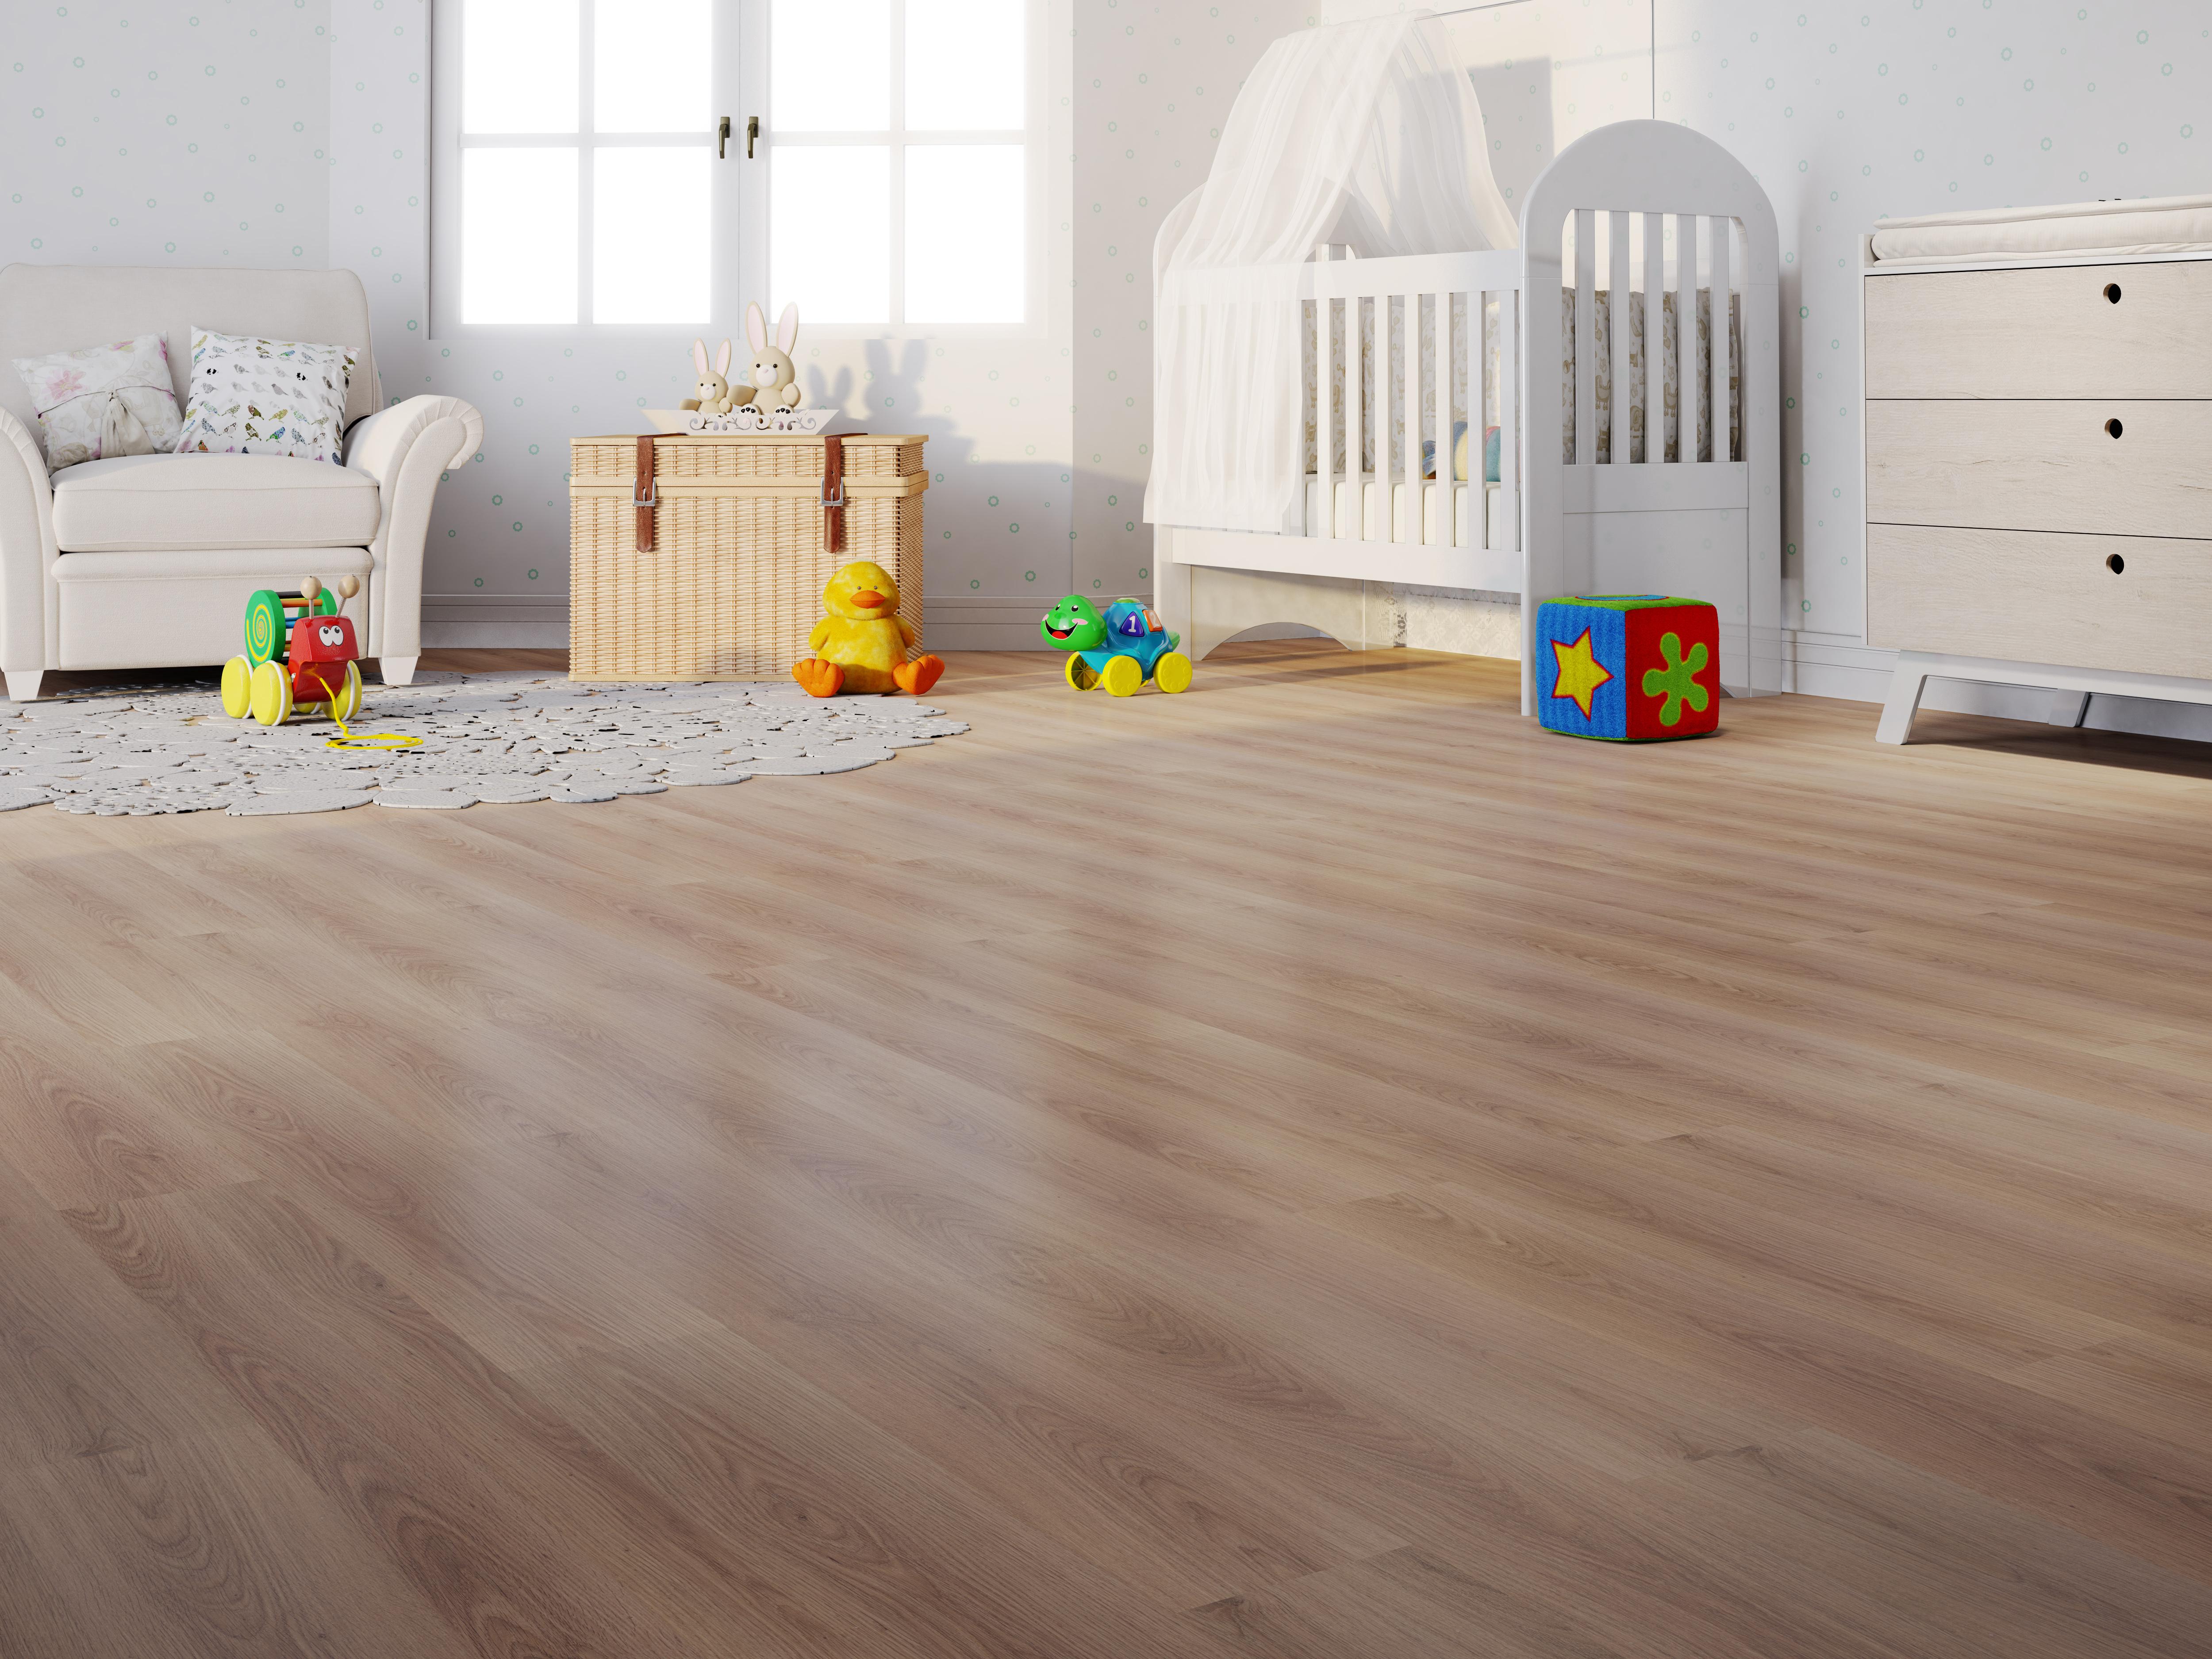 como escolher o piso ideal para quarto de bebê